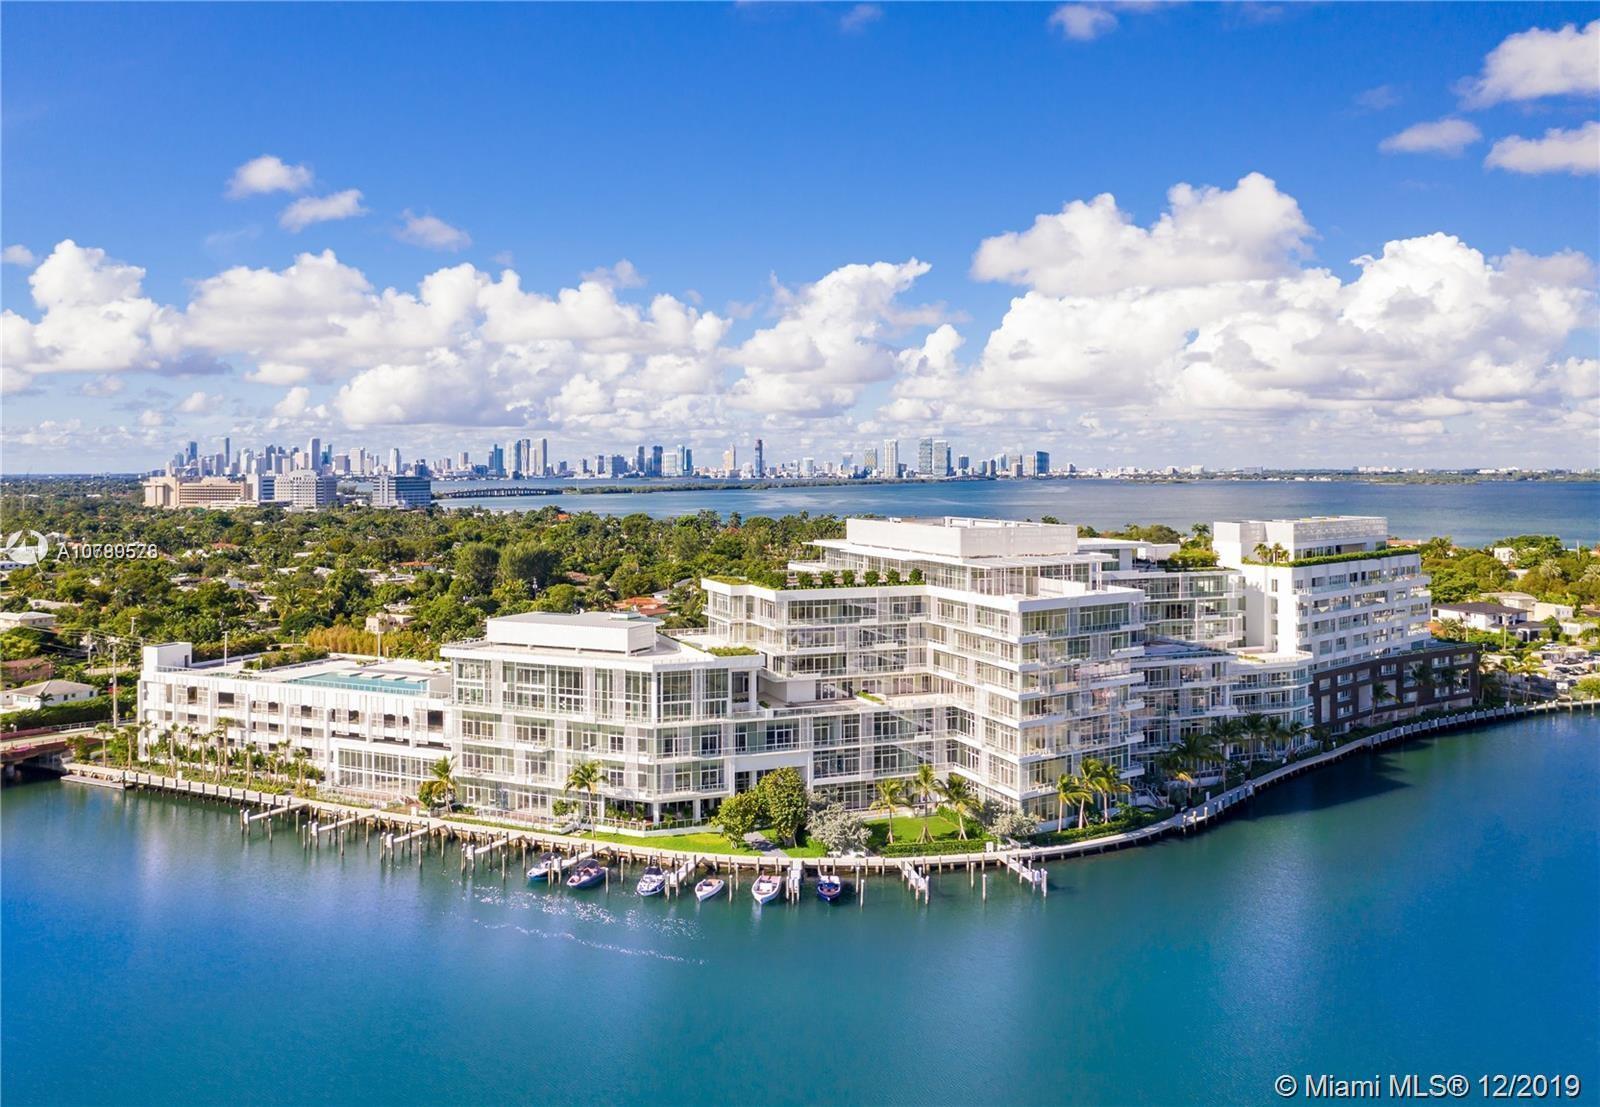 4701 Meridian Avenue, 308 - Miami Beach, Florida